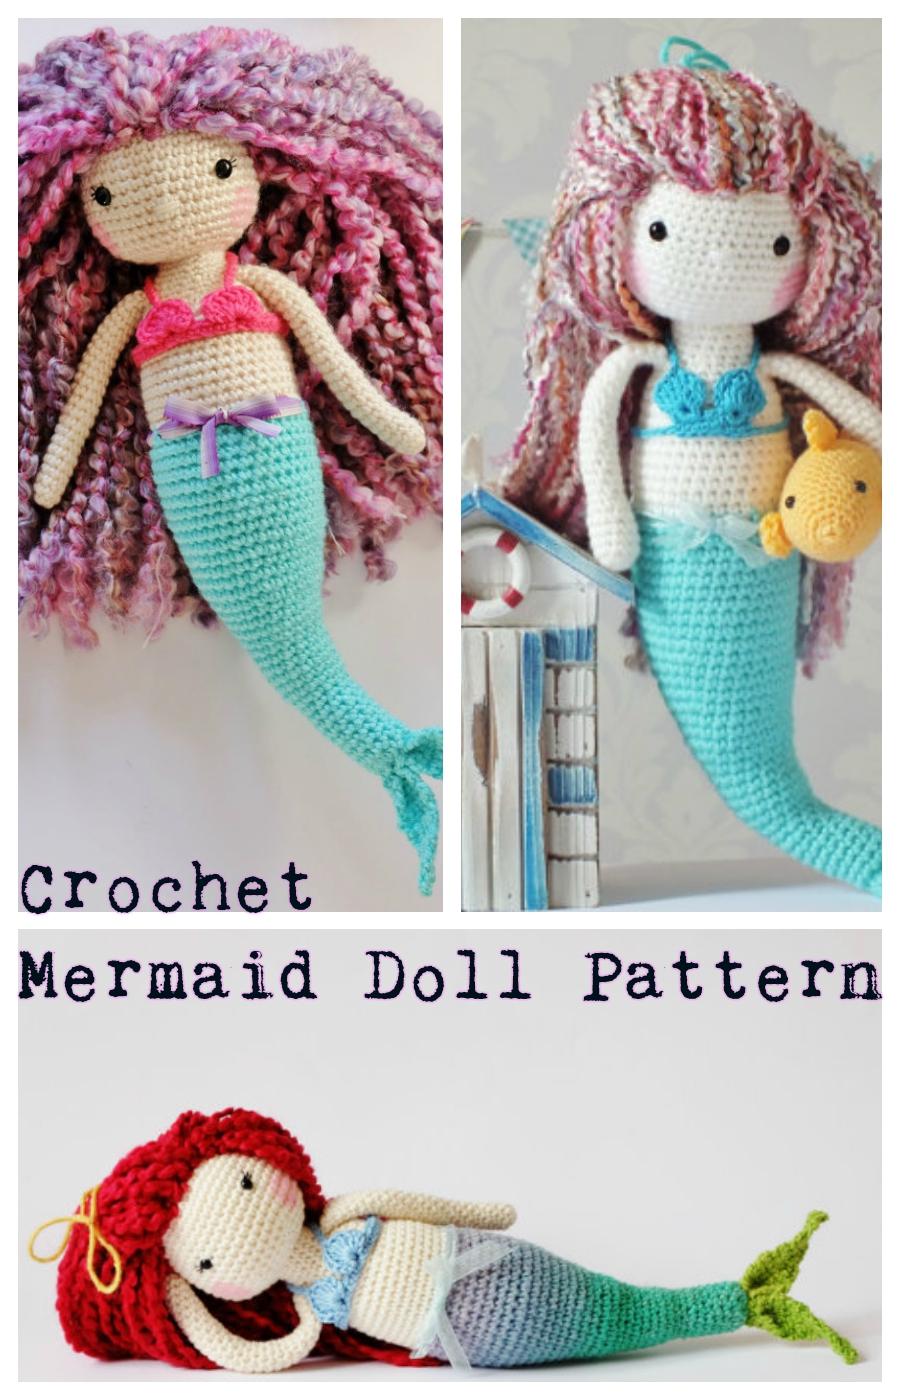 Crochet Mermaid Doll Pattern Tutorial Crochet News